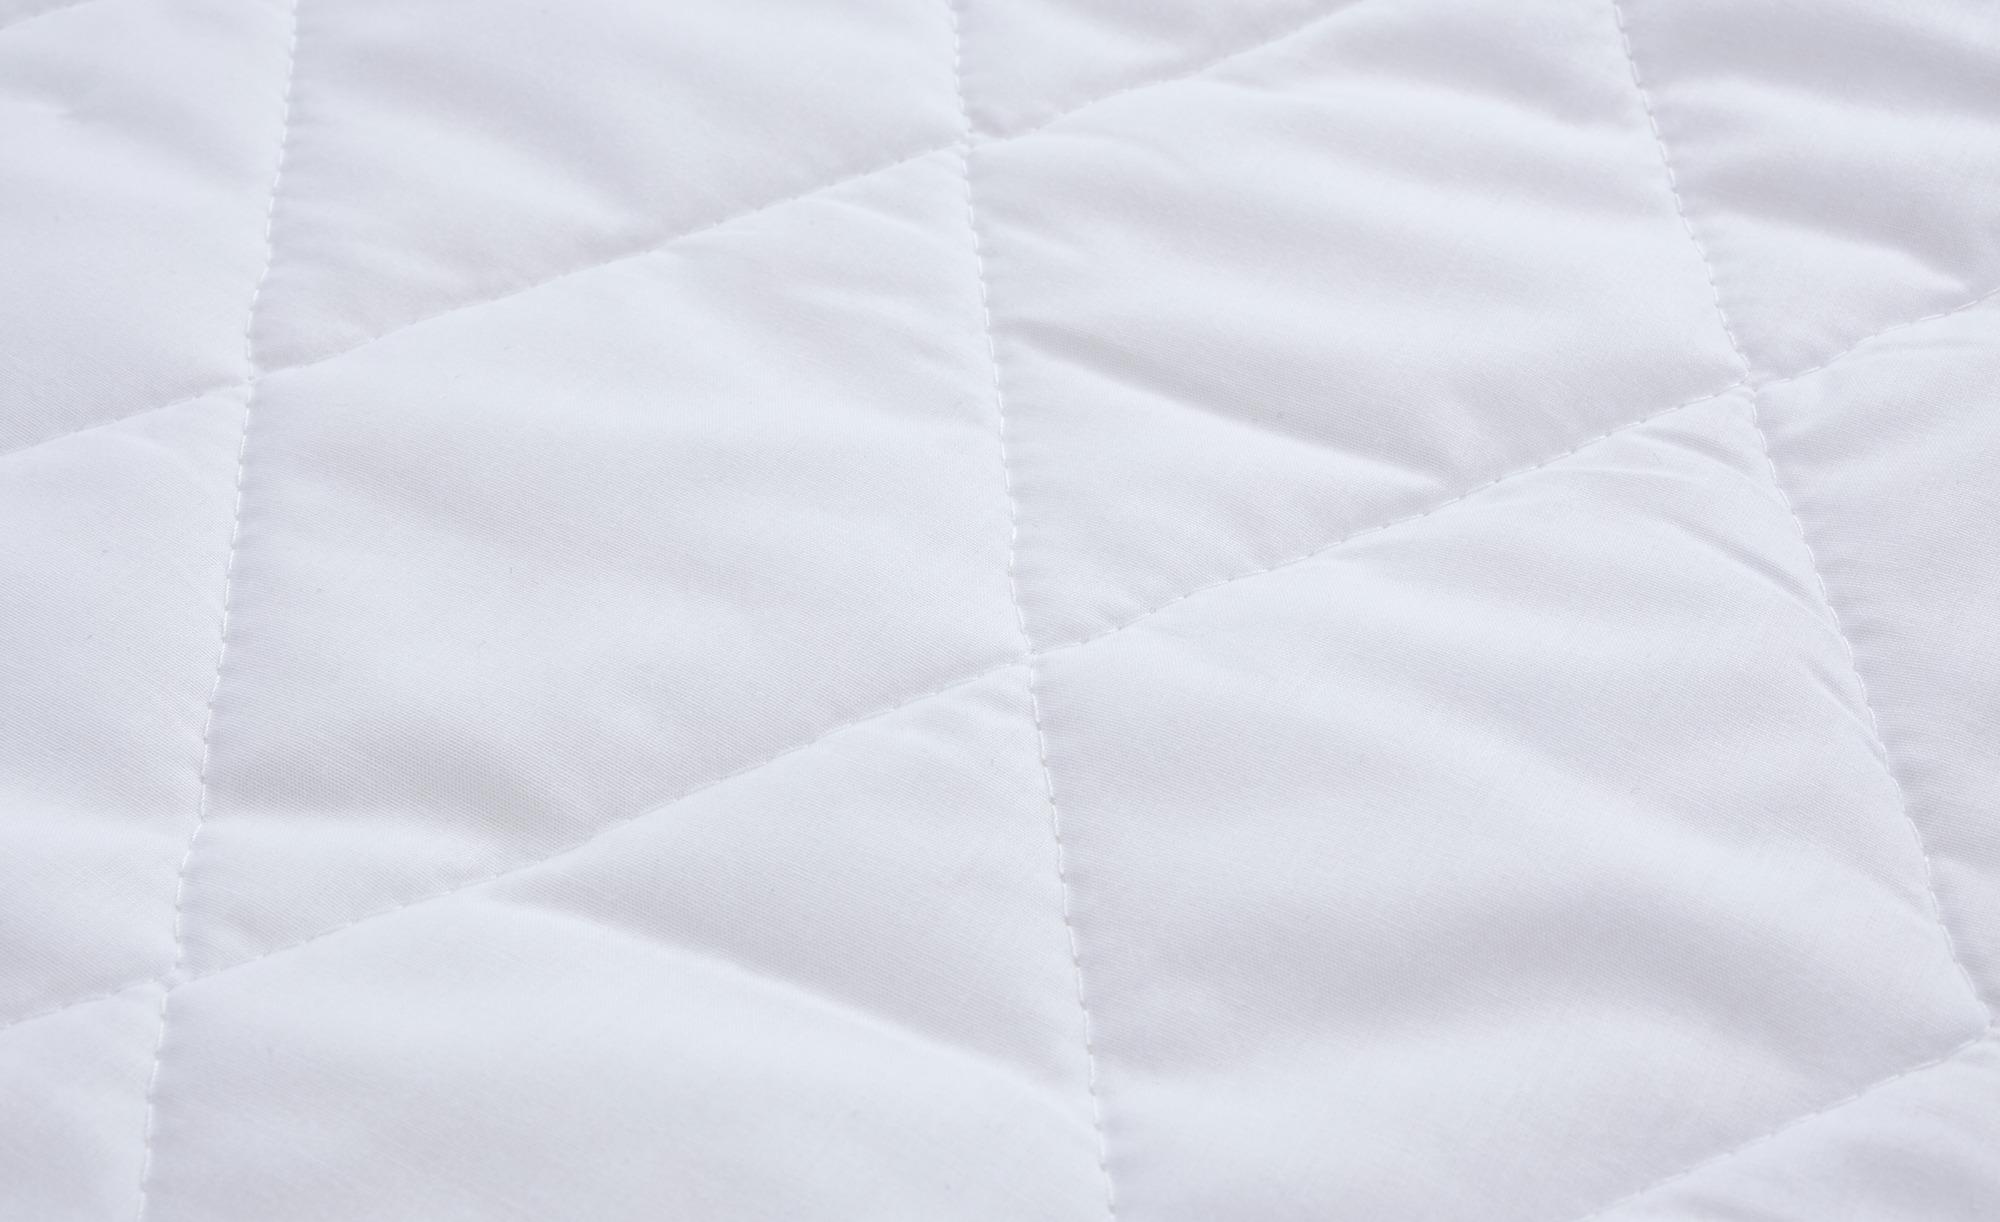 Zöllner Kindermatratze - weiß - 65% Polyester, 35% Baumwolle - 70 cm - 6 cm - Sconto | Kinderzimmer > Textilien für Kinder > Kinderbettwäsche | Zöllner